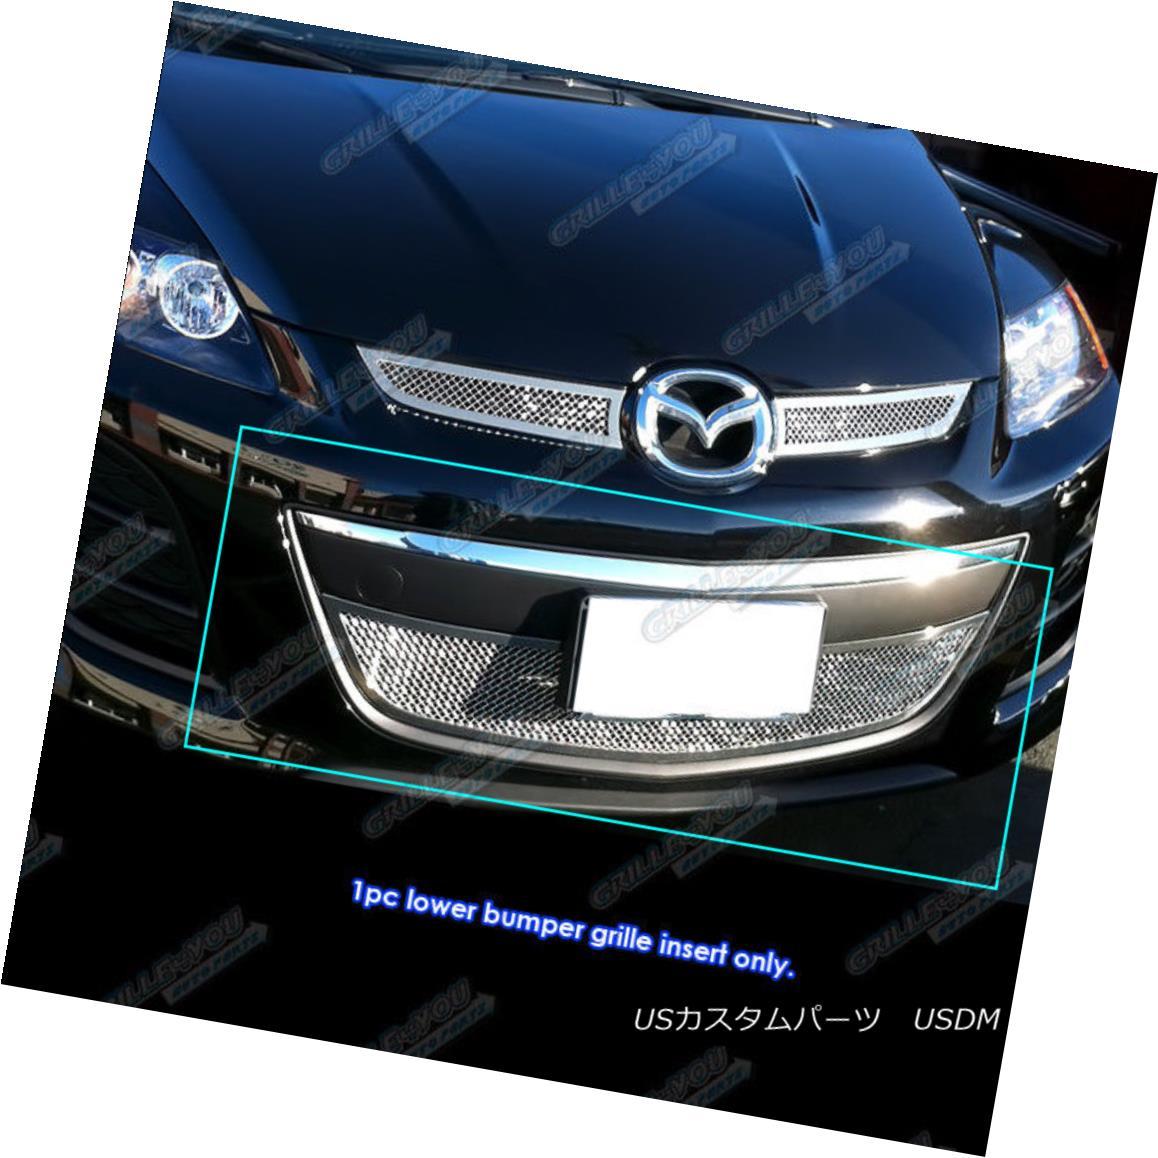 グリル 2010-2012 Mazda CX7 i/CX-7 s Bumper Stainless Steel Mesh Grille Grill Insert 2010-2012 Mazda CX7 i / CX-7 sバンパーステンレスメッシュグリルグリルインサート